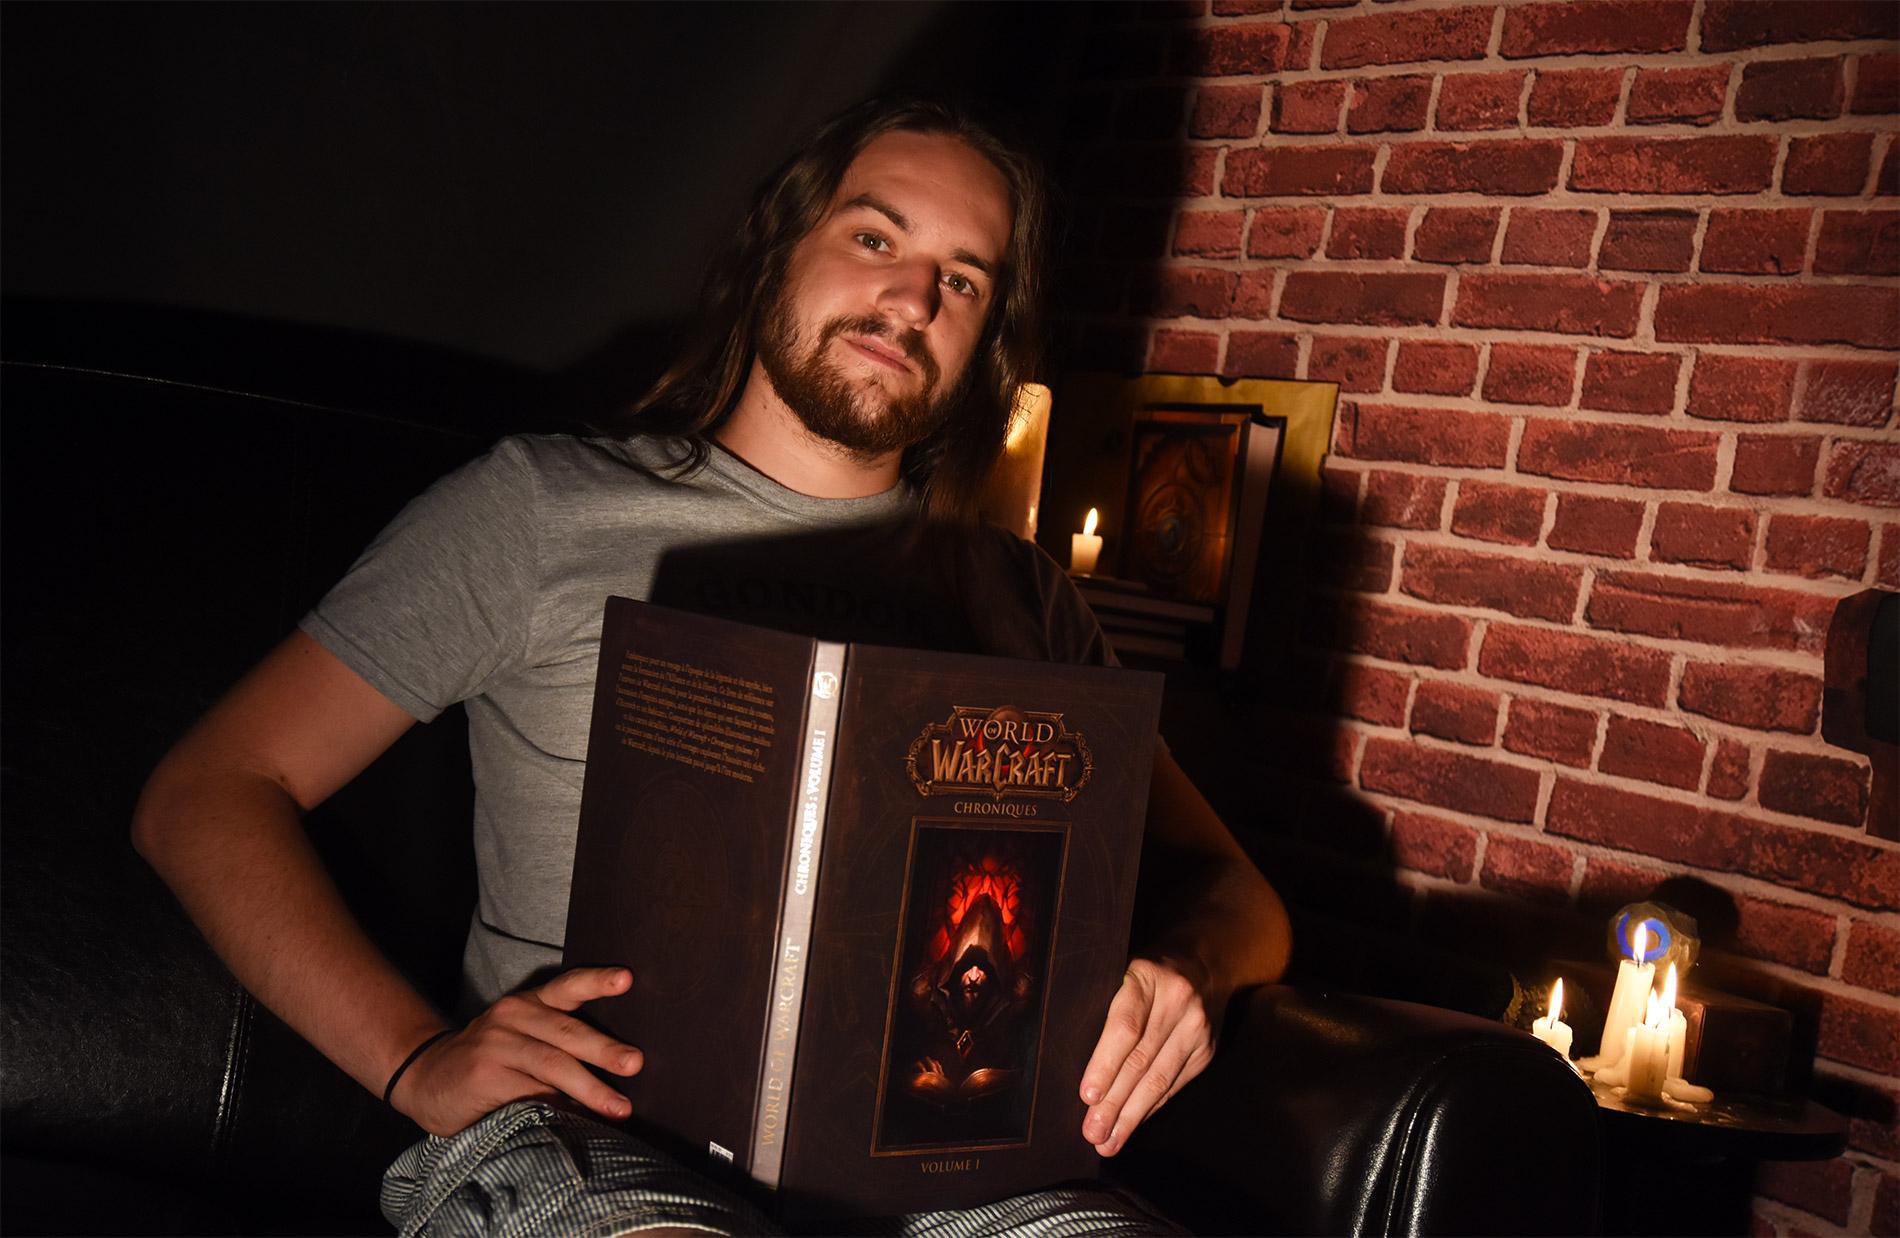 Zecharia en pleine lecture de Warcraft Chroniques